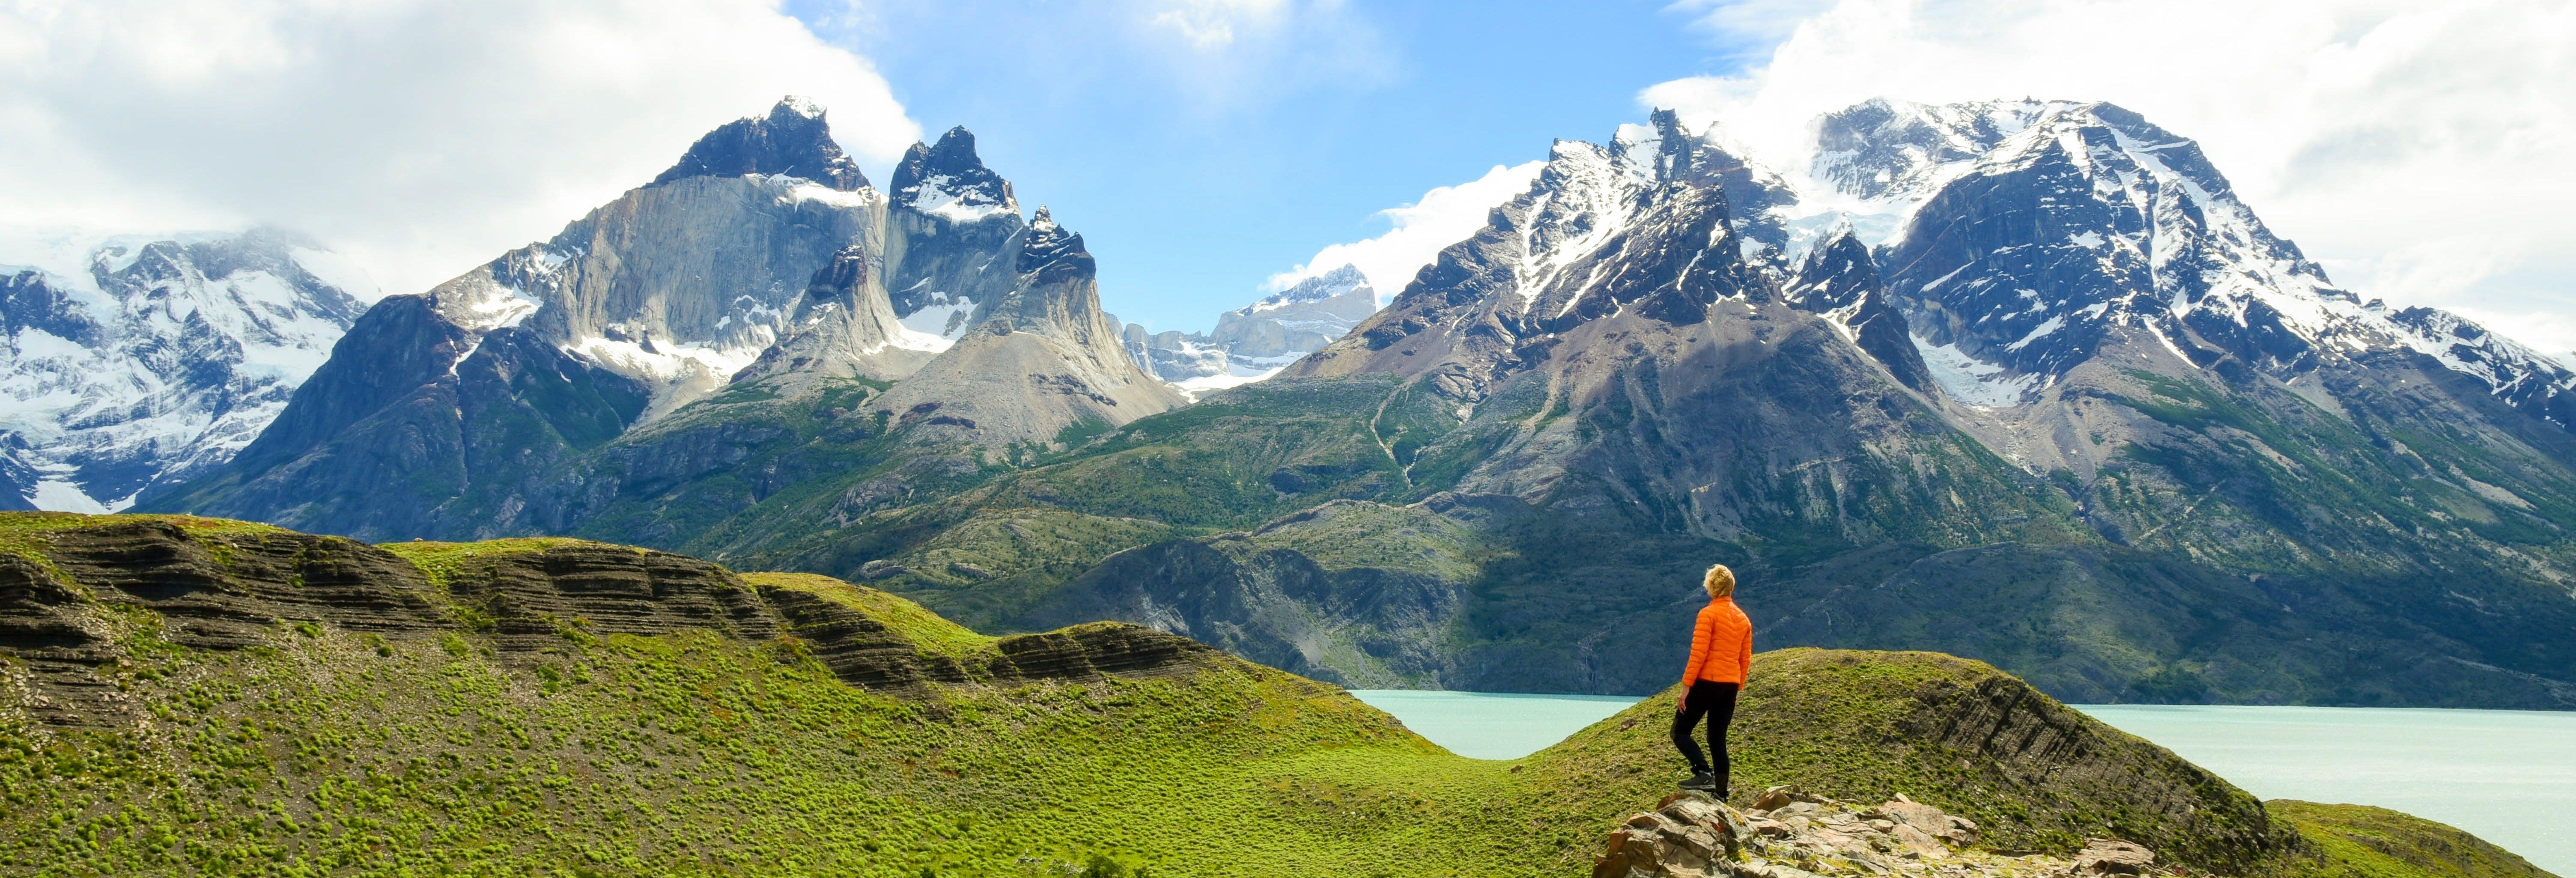 Escursione al Parco Nazionale Torres del Paine